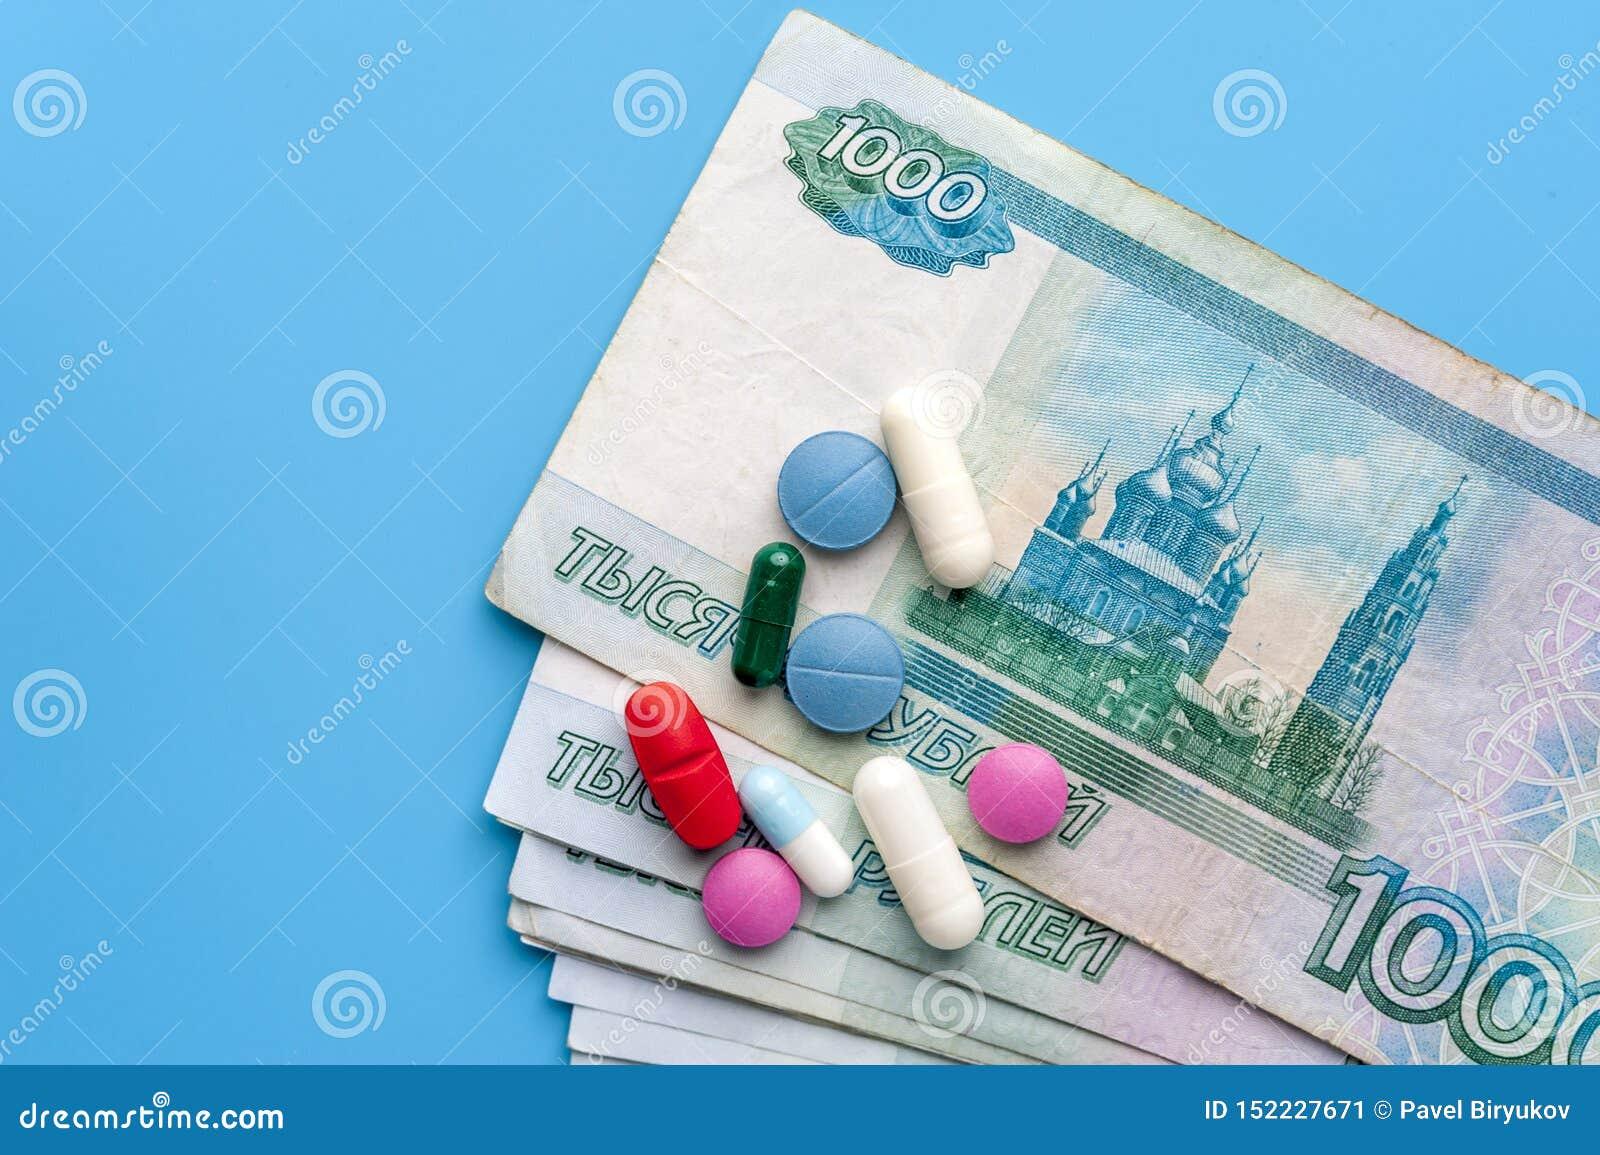 费用的概念在健康促进和医院治疗的